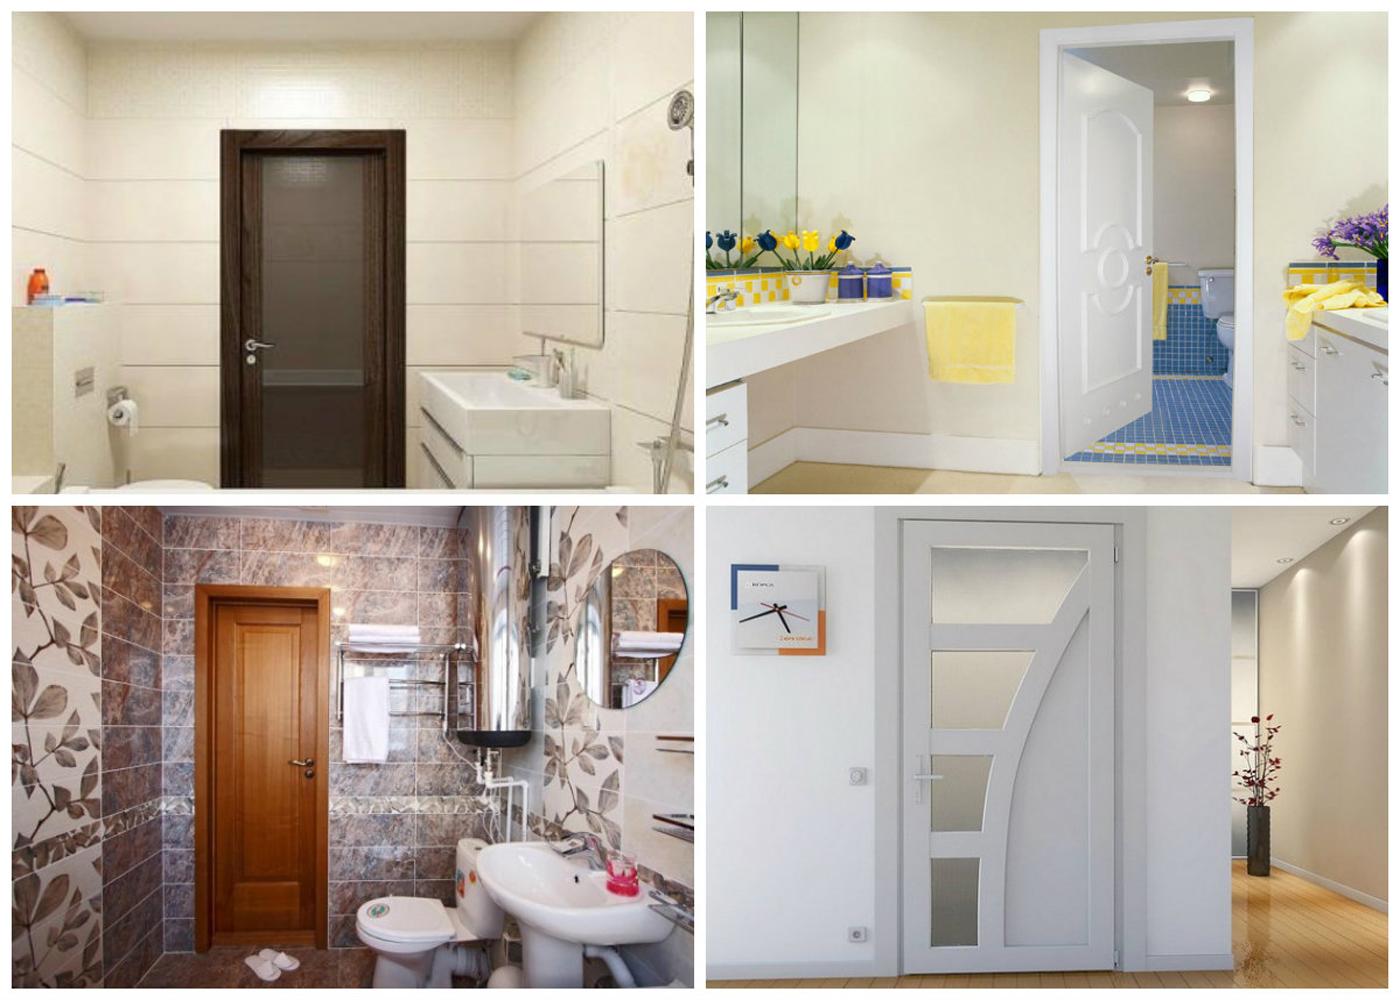 Какие двери поставить в ванной комнате и туалете: разновидности и материалы изготовления, а также чем стоит руководствоваться при выборе